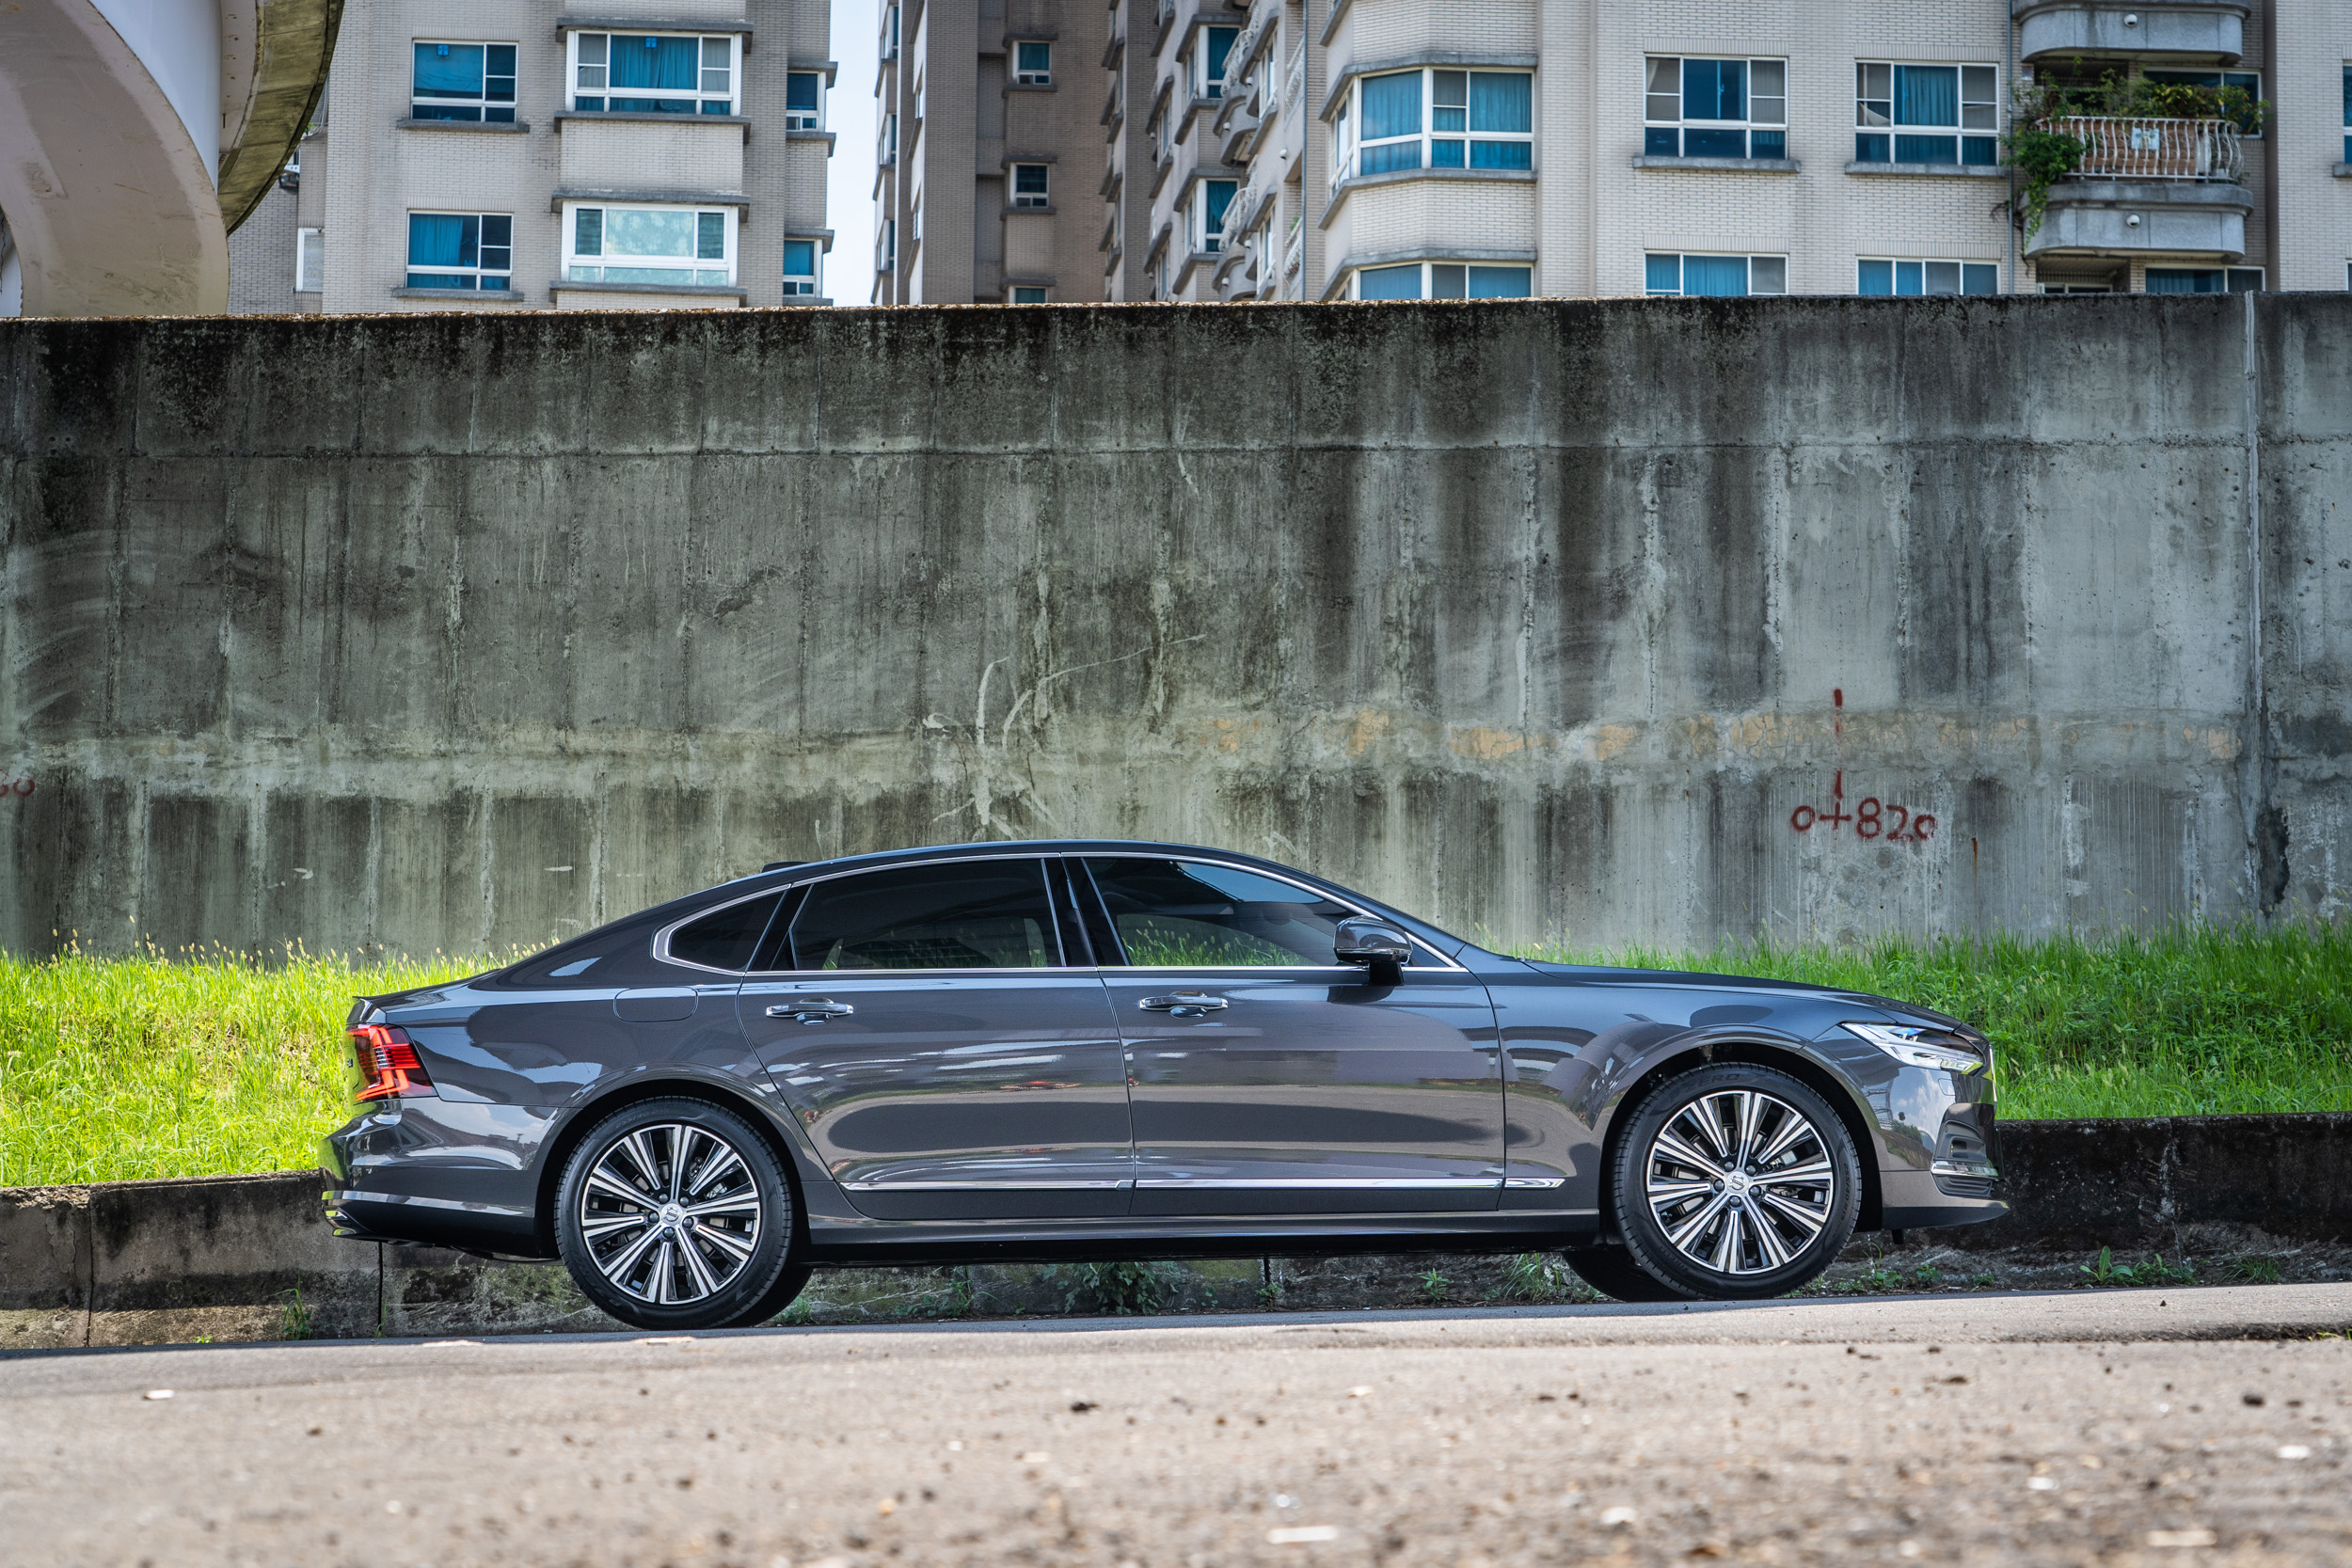 小改款S90車格明顯放大,車長增加了127mm來到5090mm之譜,軸距則拉長120mm變為3061mm。